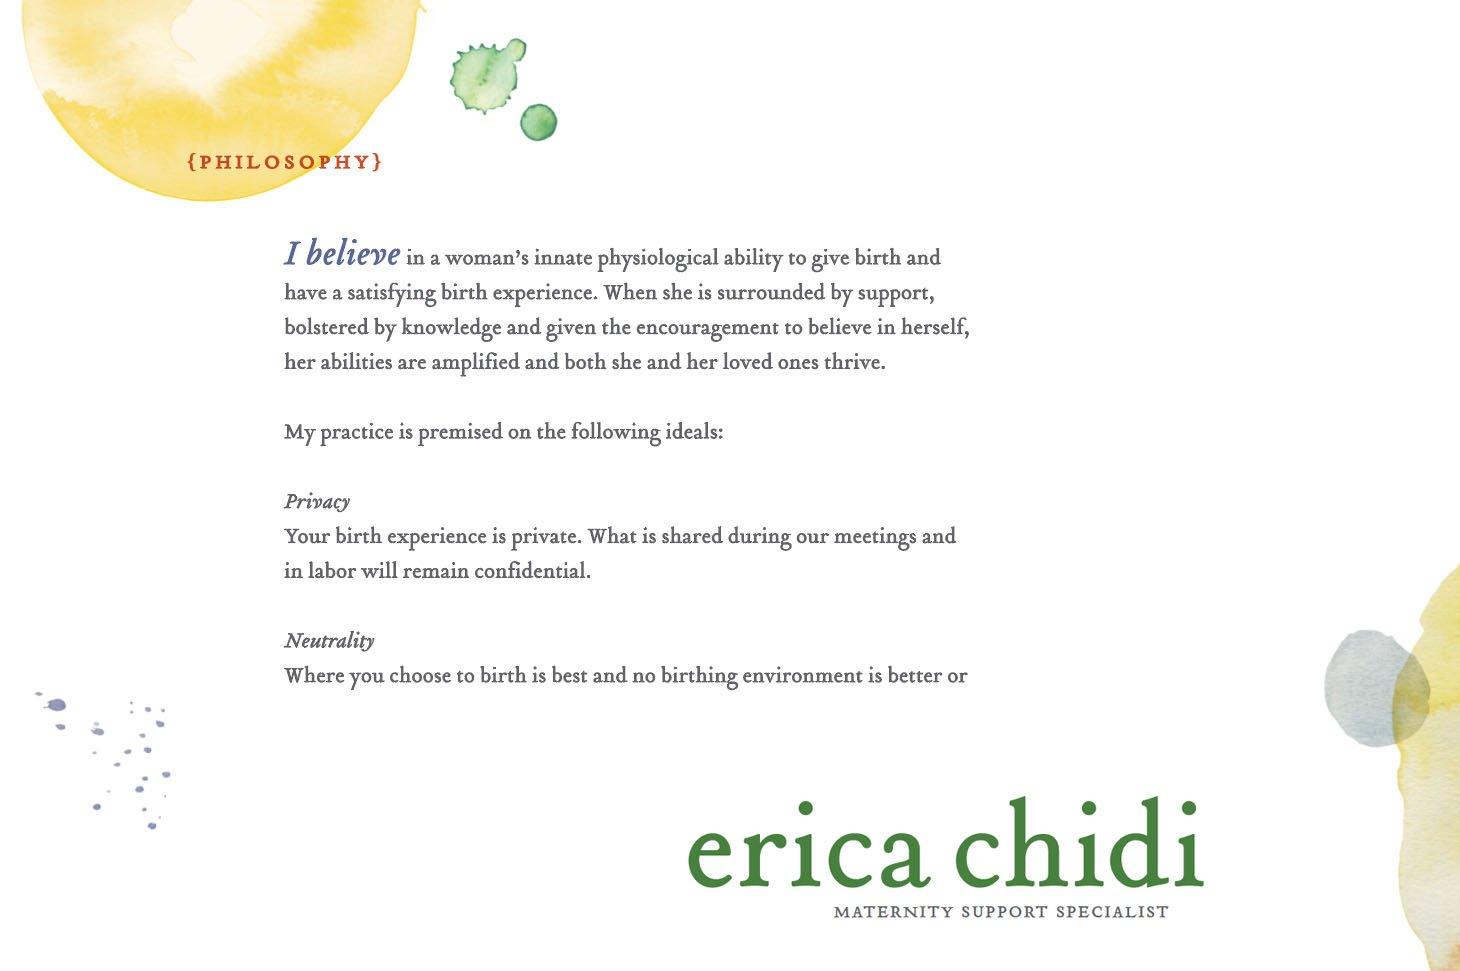 ericachidi-4